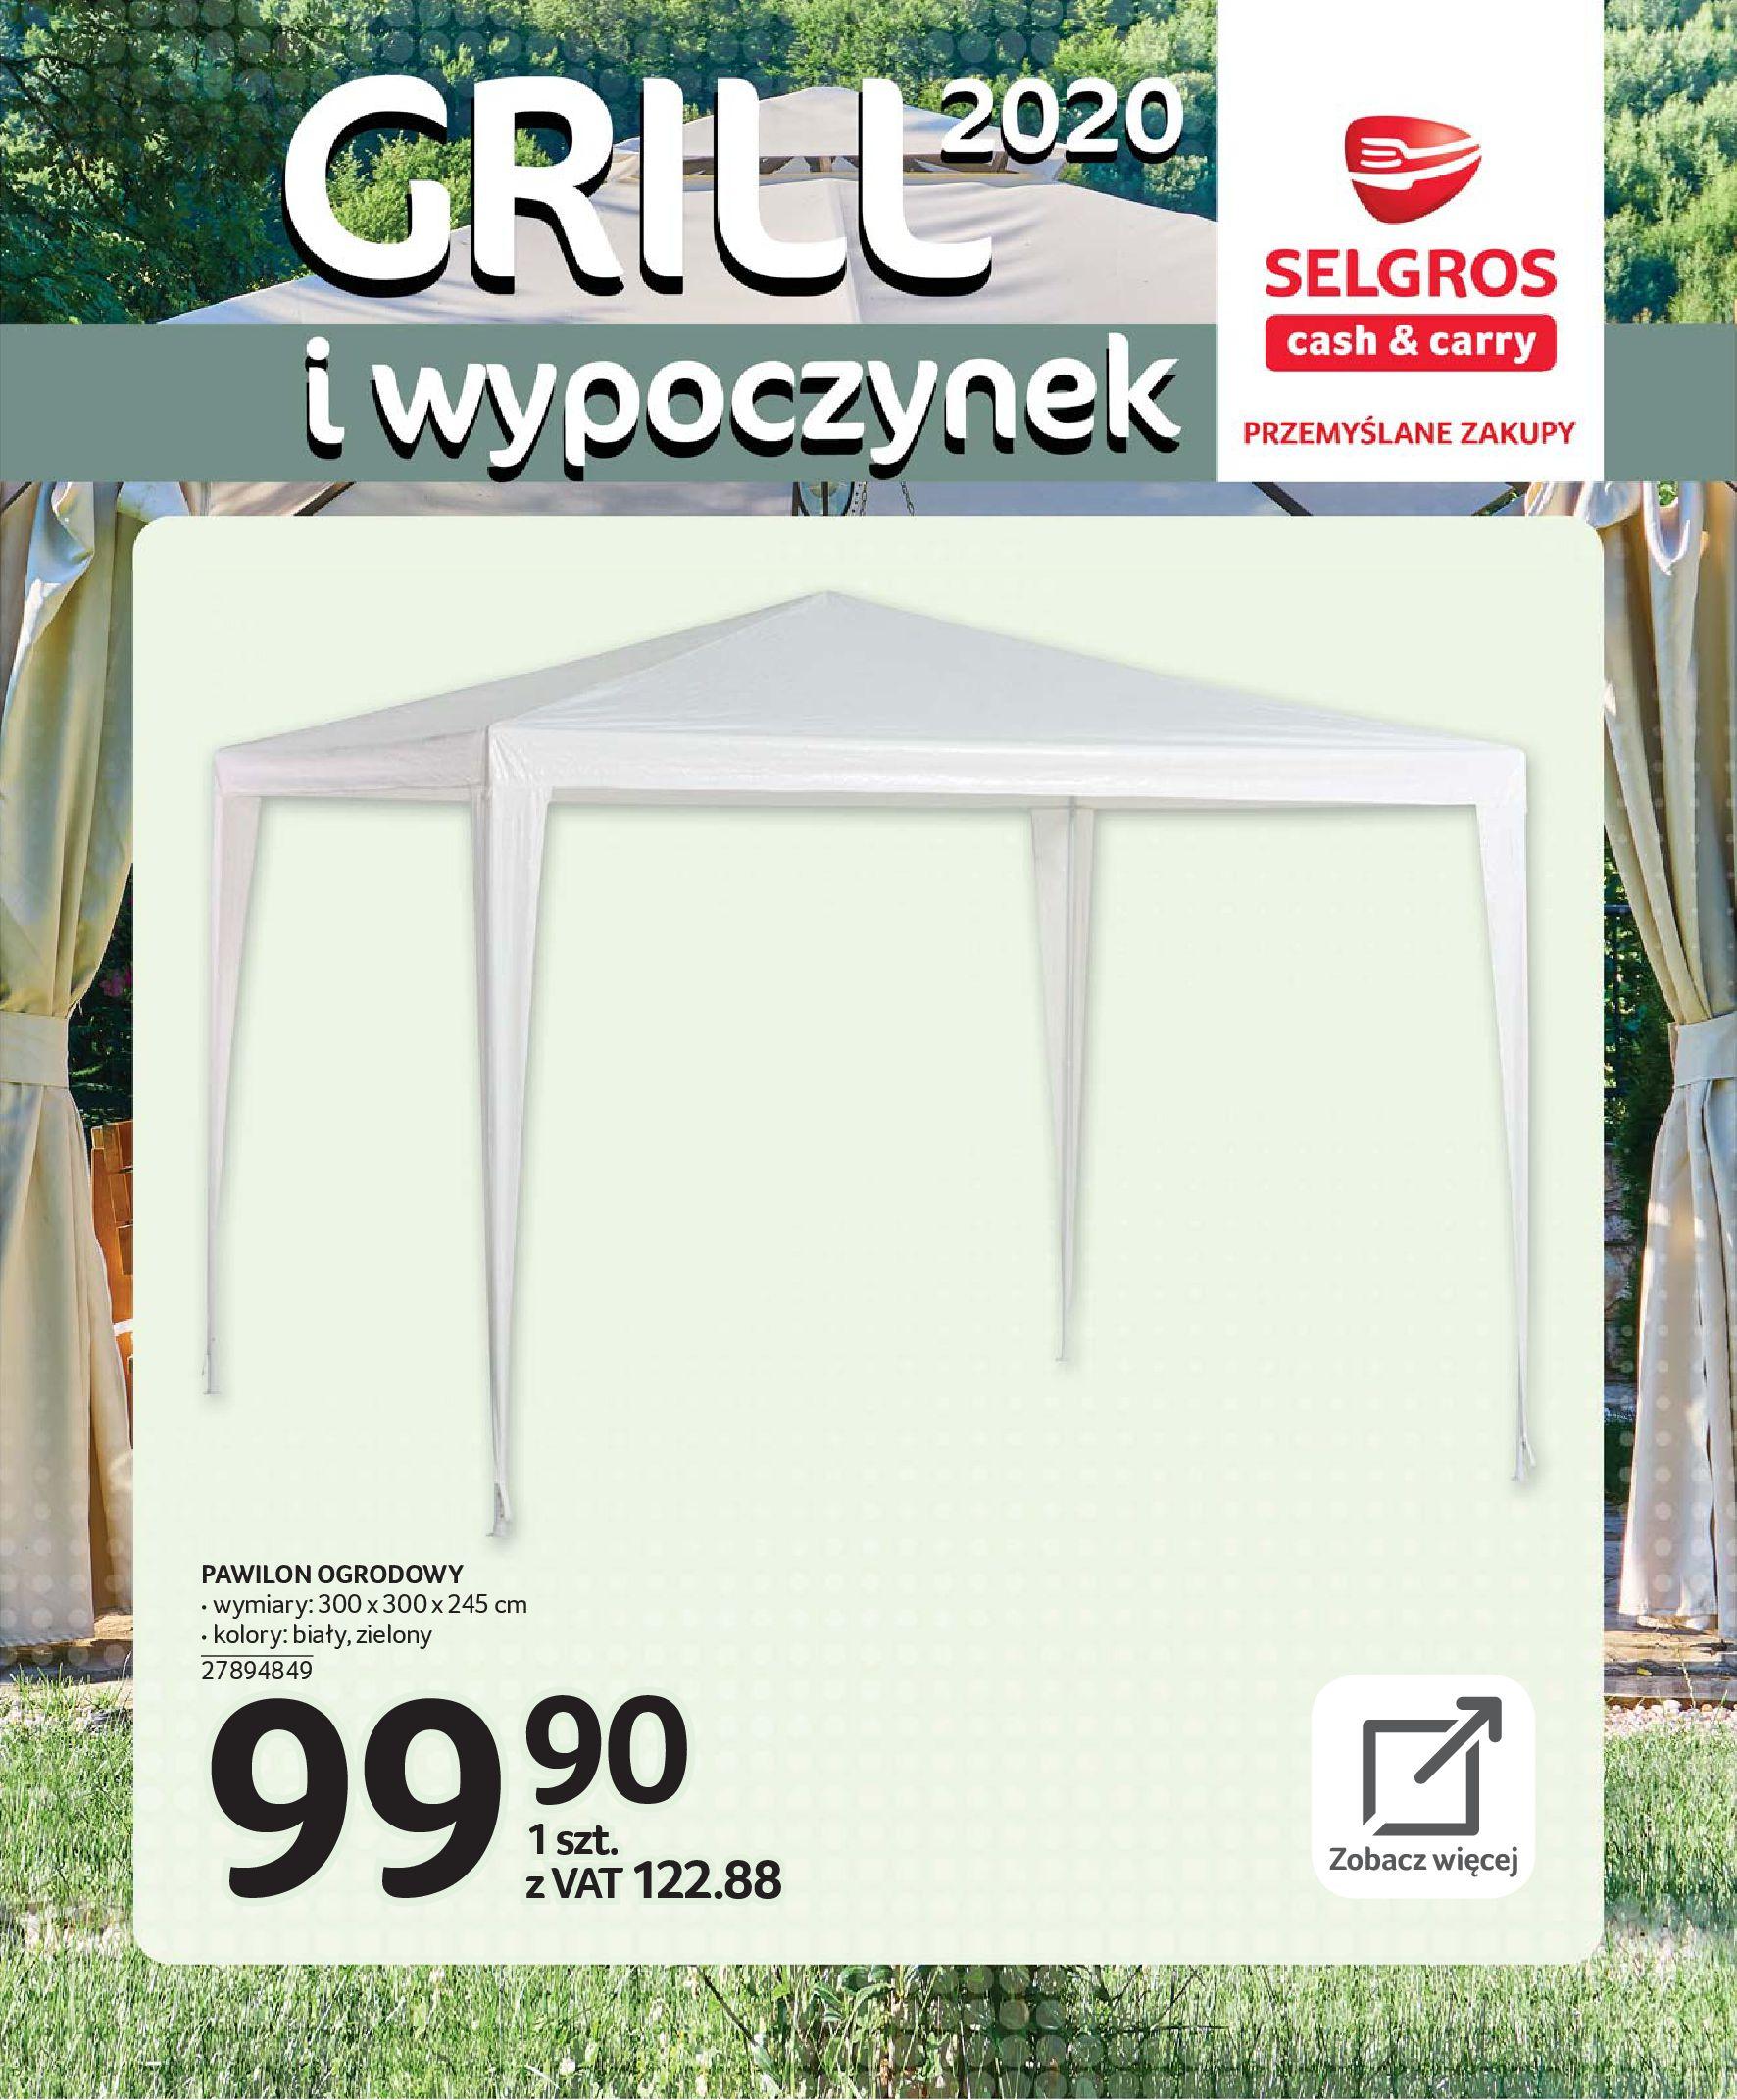 Gazetka Selgros - Katalog - Grill i wypoczynek-31.03.2020-31.08.2020-page-44